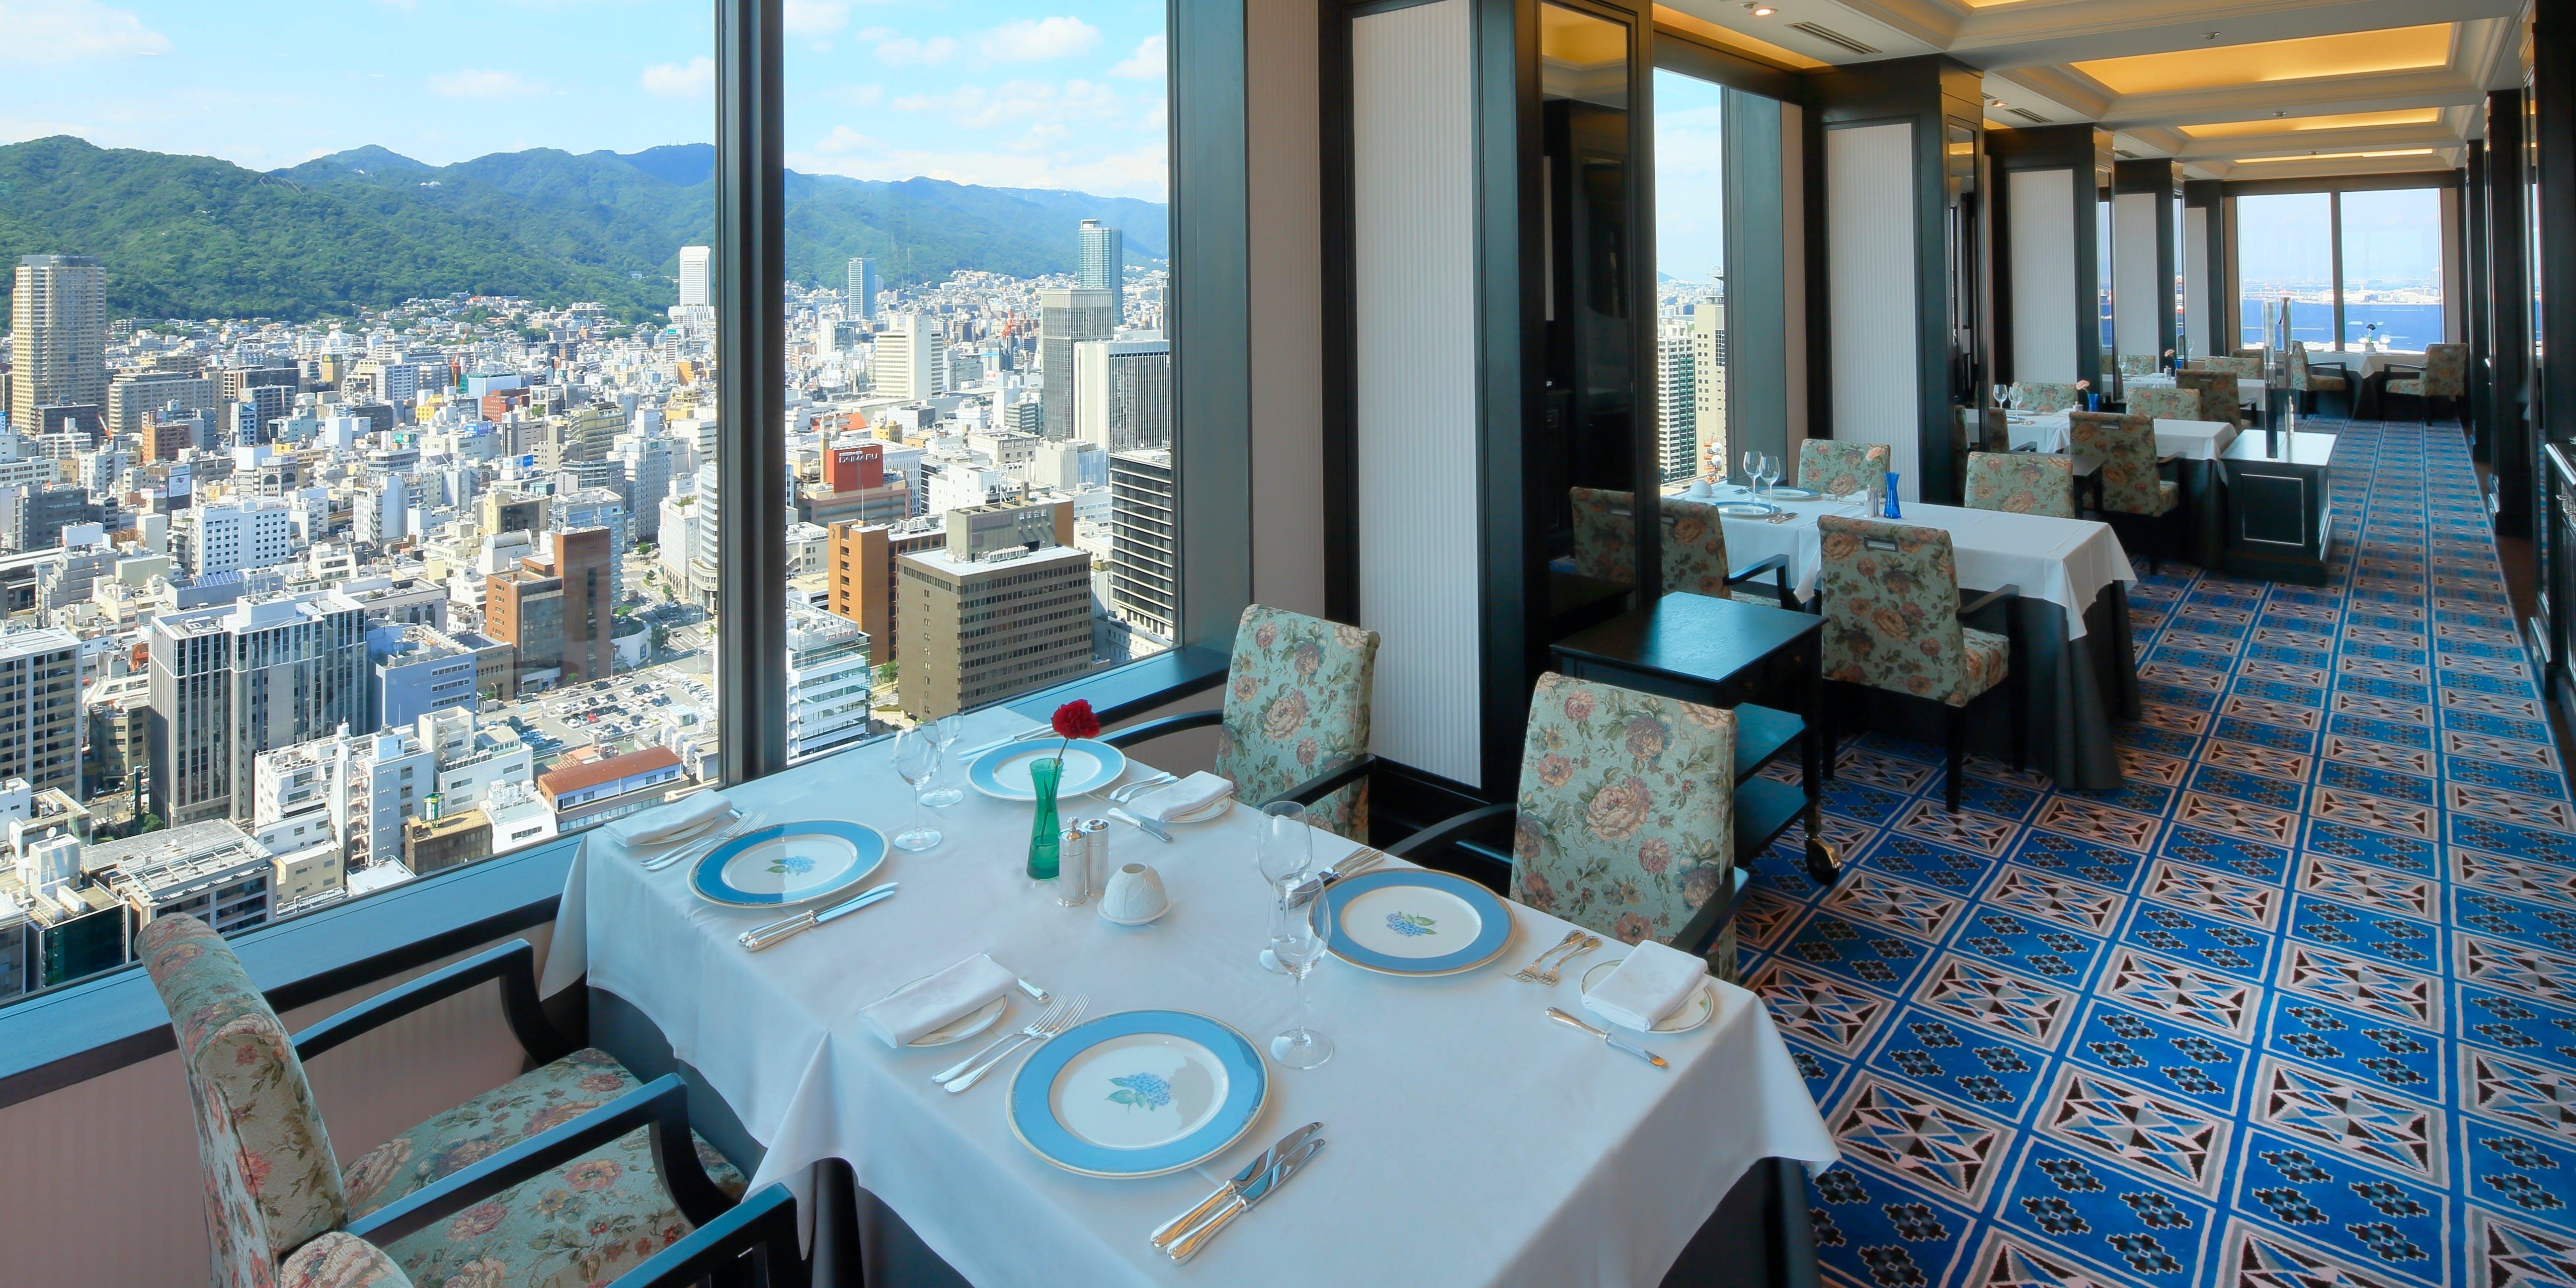 記念日におすすめのレストラン・レストラン エメラルド/ホテルオークラ神戸の写真1